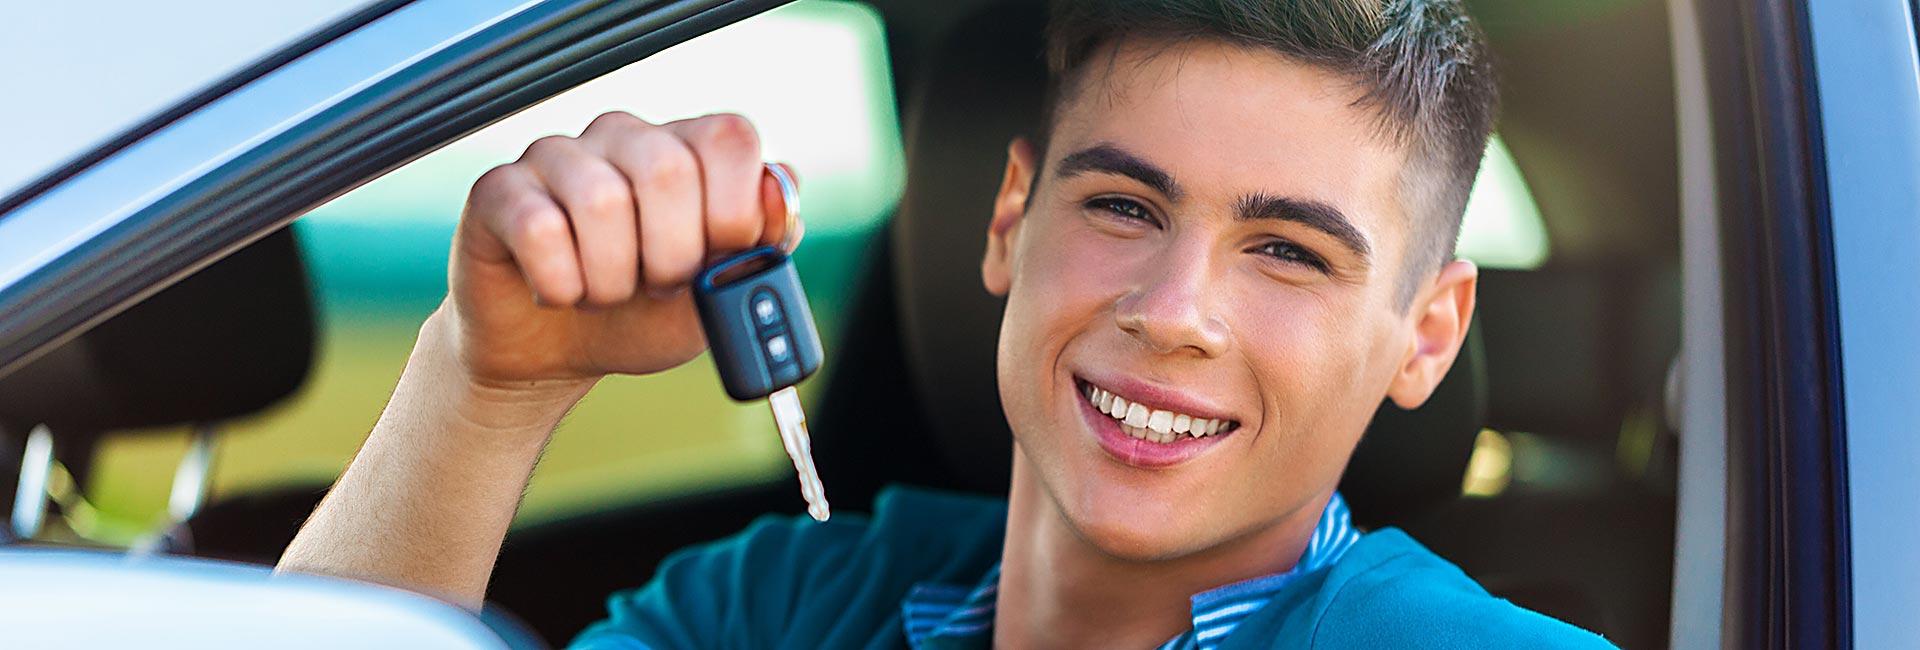 3 Auto-école Massy Palaiseau vous propose plusieurs formules pour le permis B, en formation traditionnelle ou en formation conduite accompagnée (AAC)